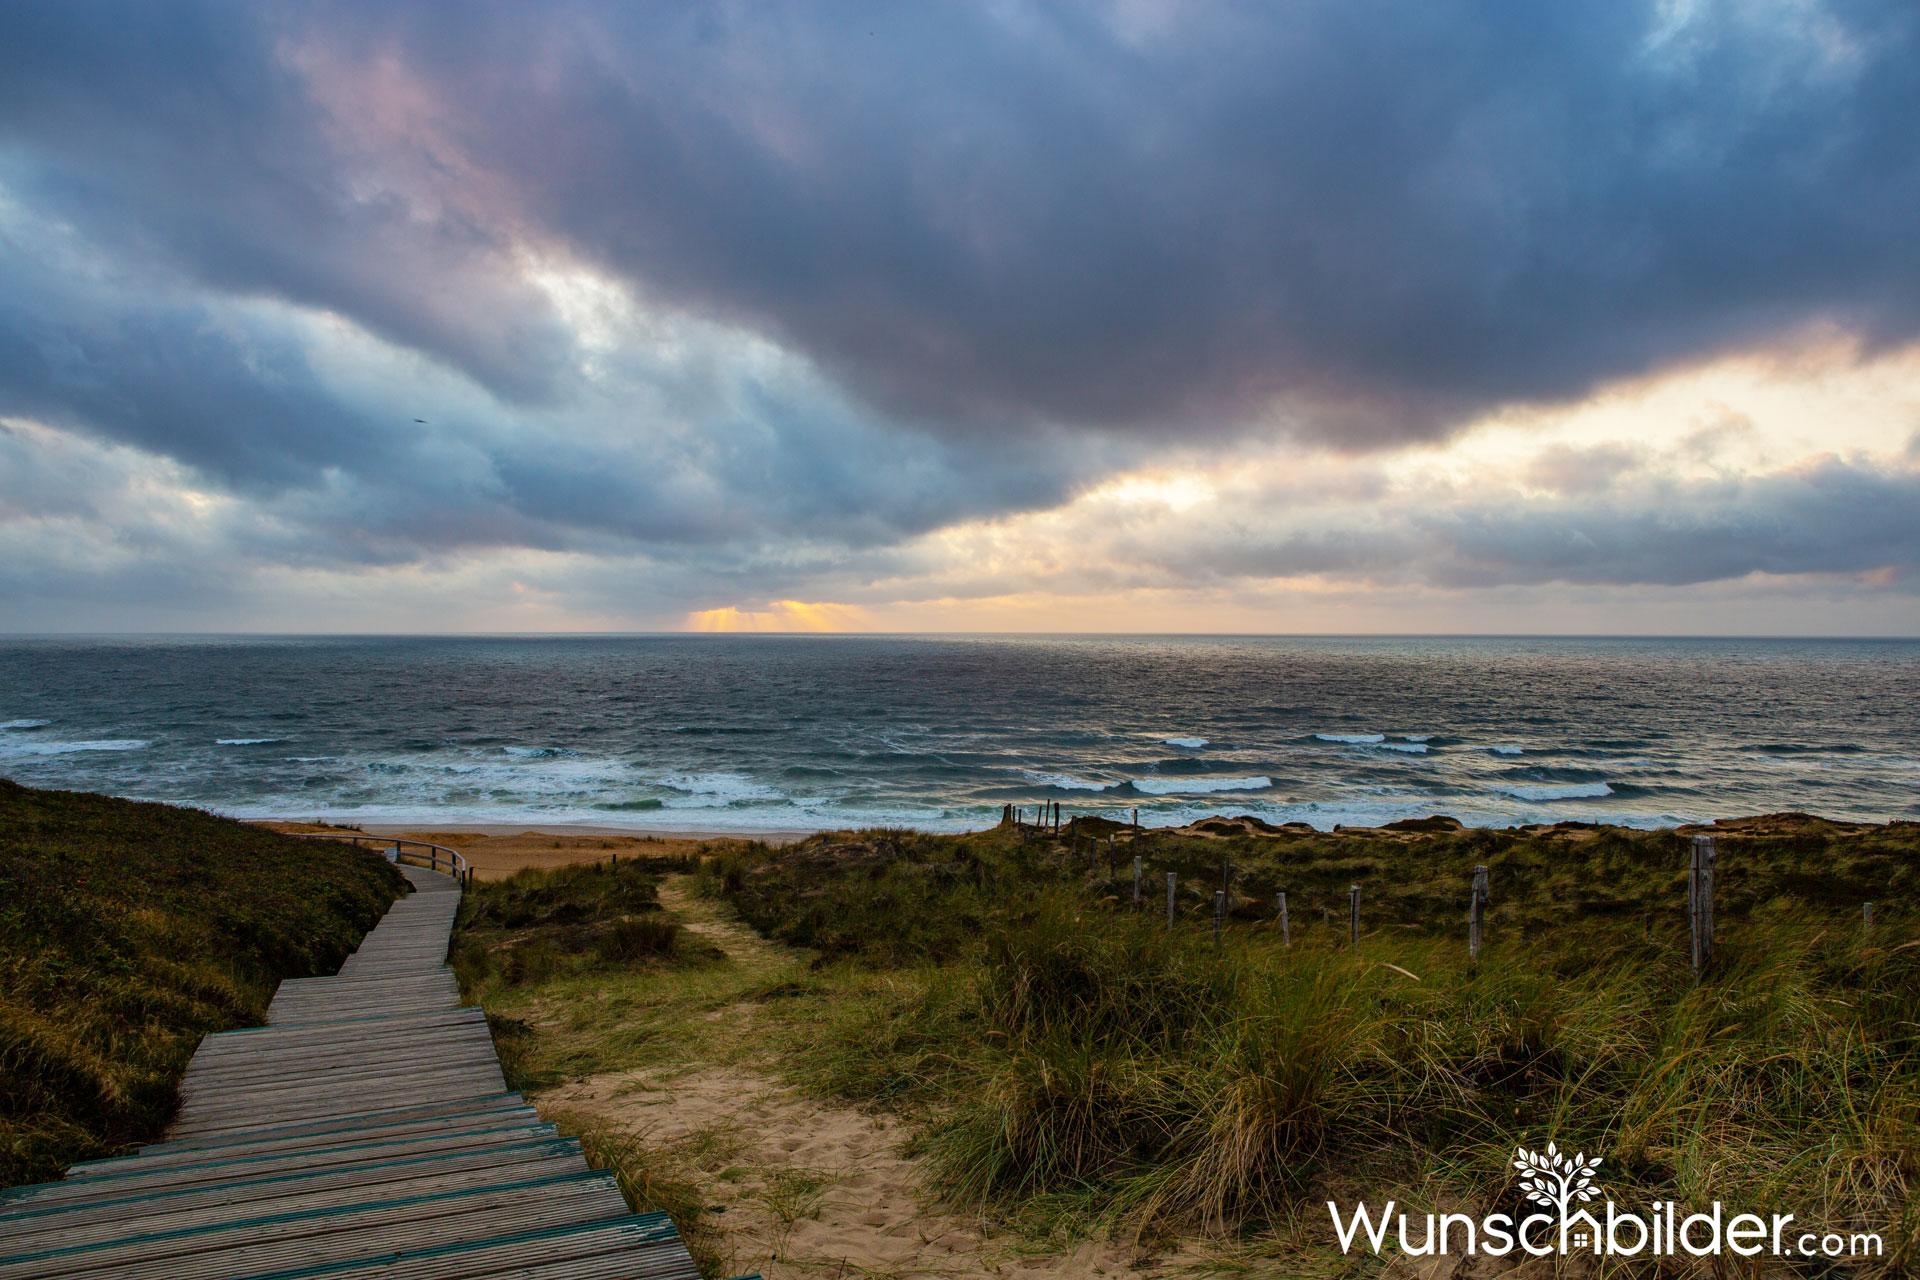 Sylt Weststrand Strandübergang - wunschbilder.com